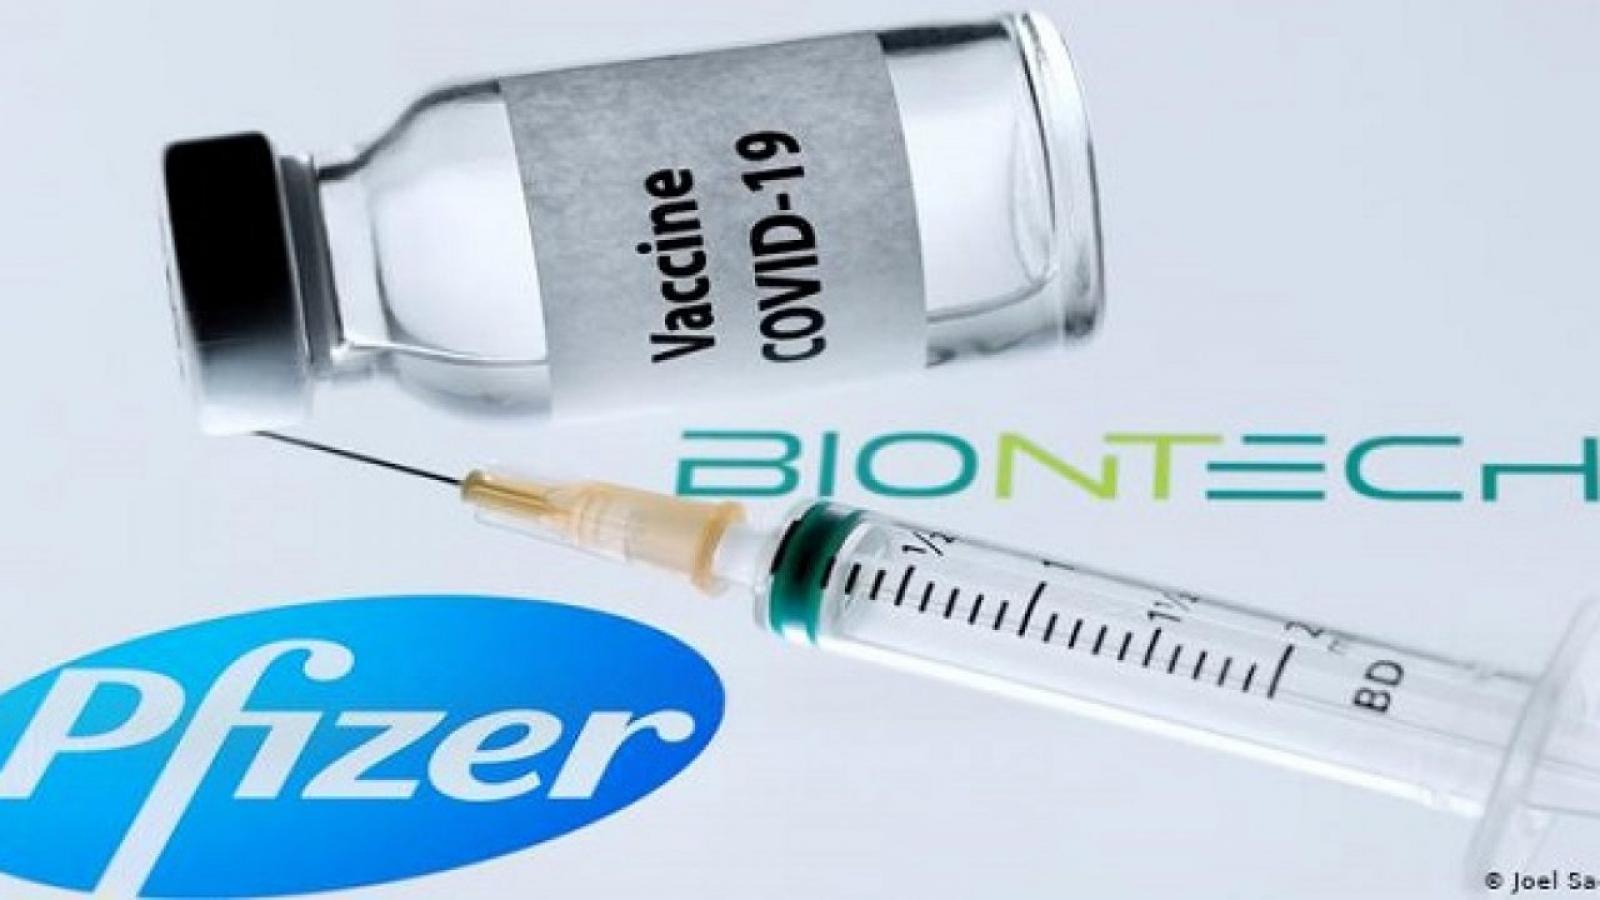 Mỹ dành500 triệu liều vaccine trị giá 3,5 tỷ USDcủa Pfizer/BioNTech cho các nước nghèo